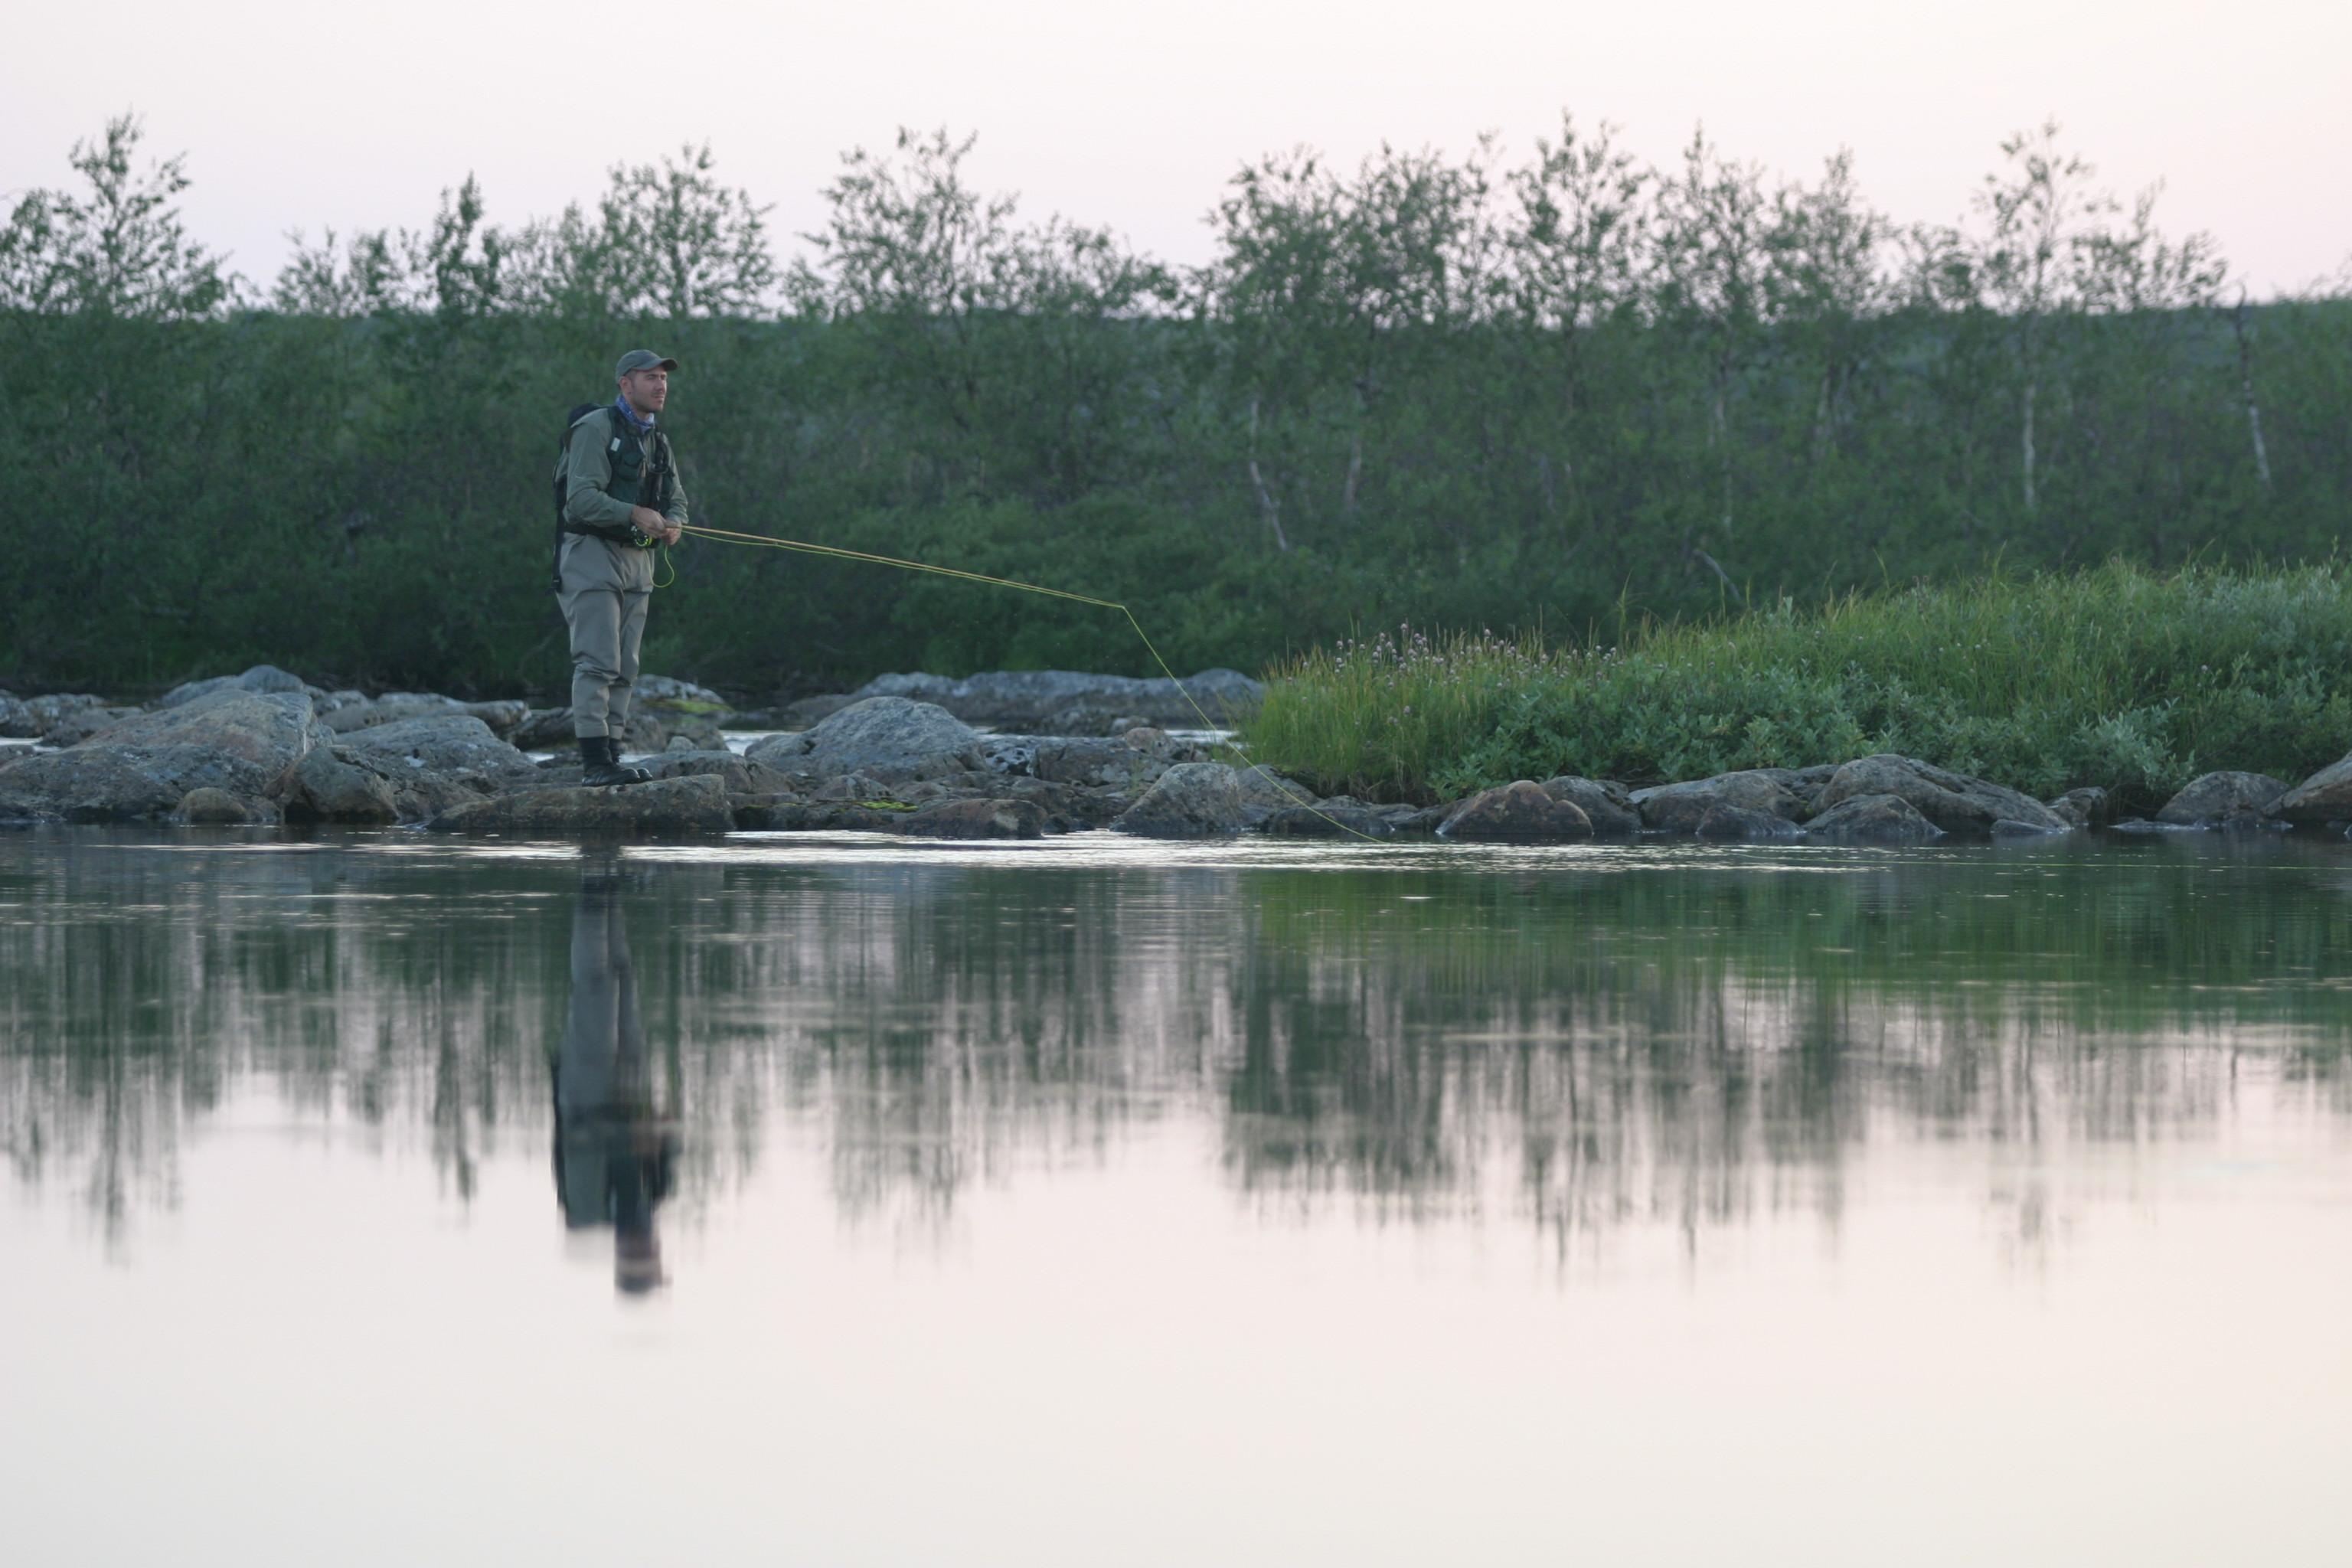 Fiske, Örjan